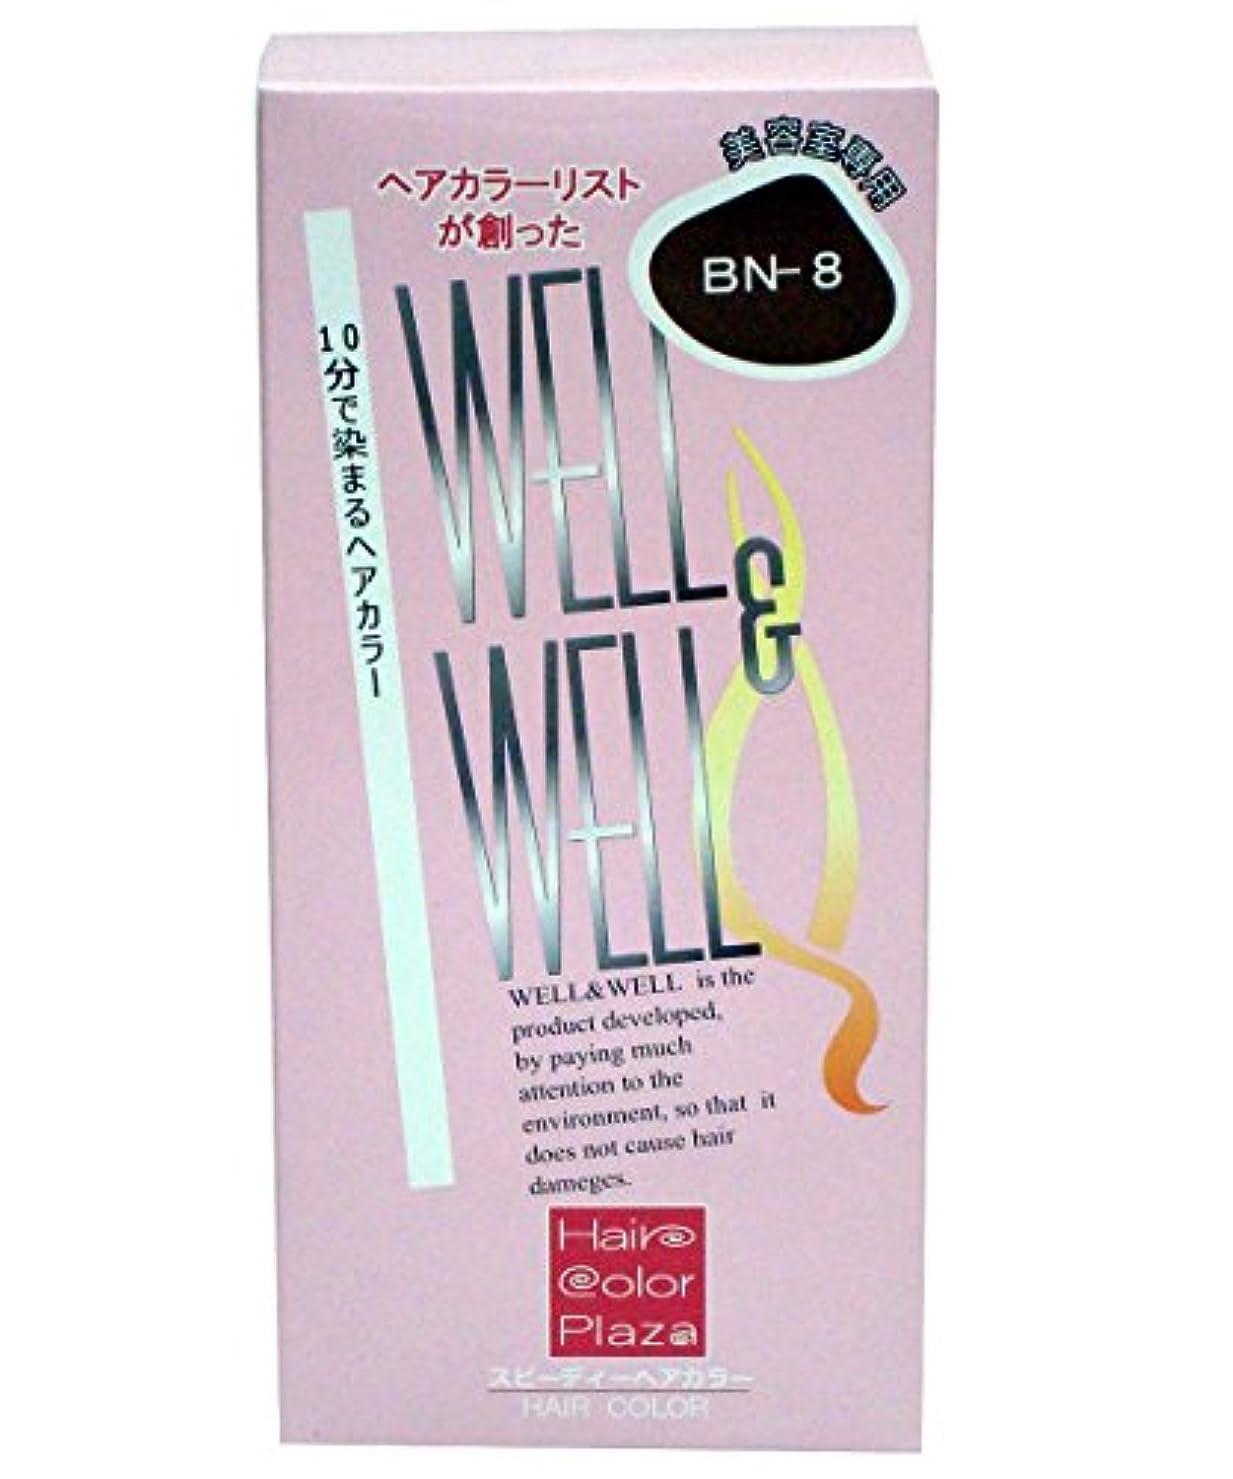 満州ブルーベル優雅【美容室専用】 ウェル&ウェル スピーディヘアカラー ナチュラルブラウン BN-8